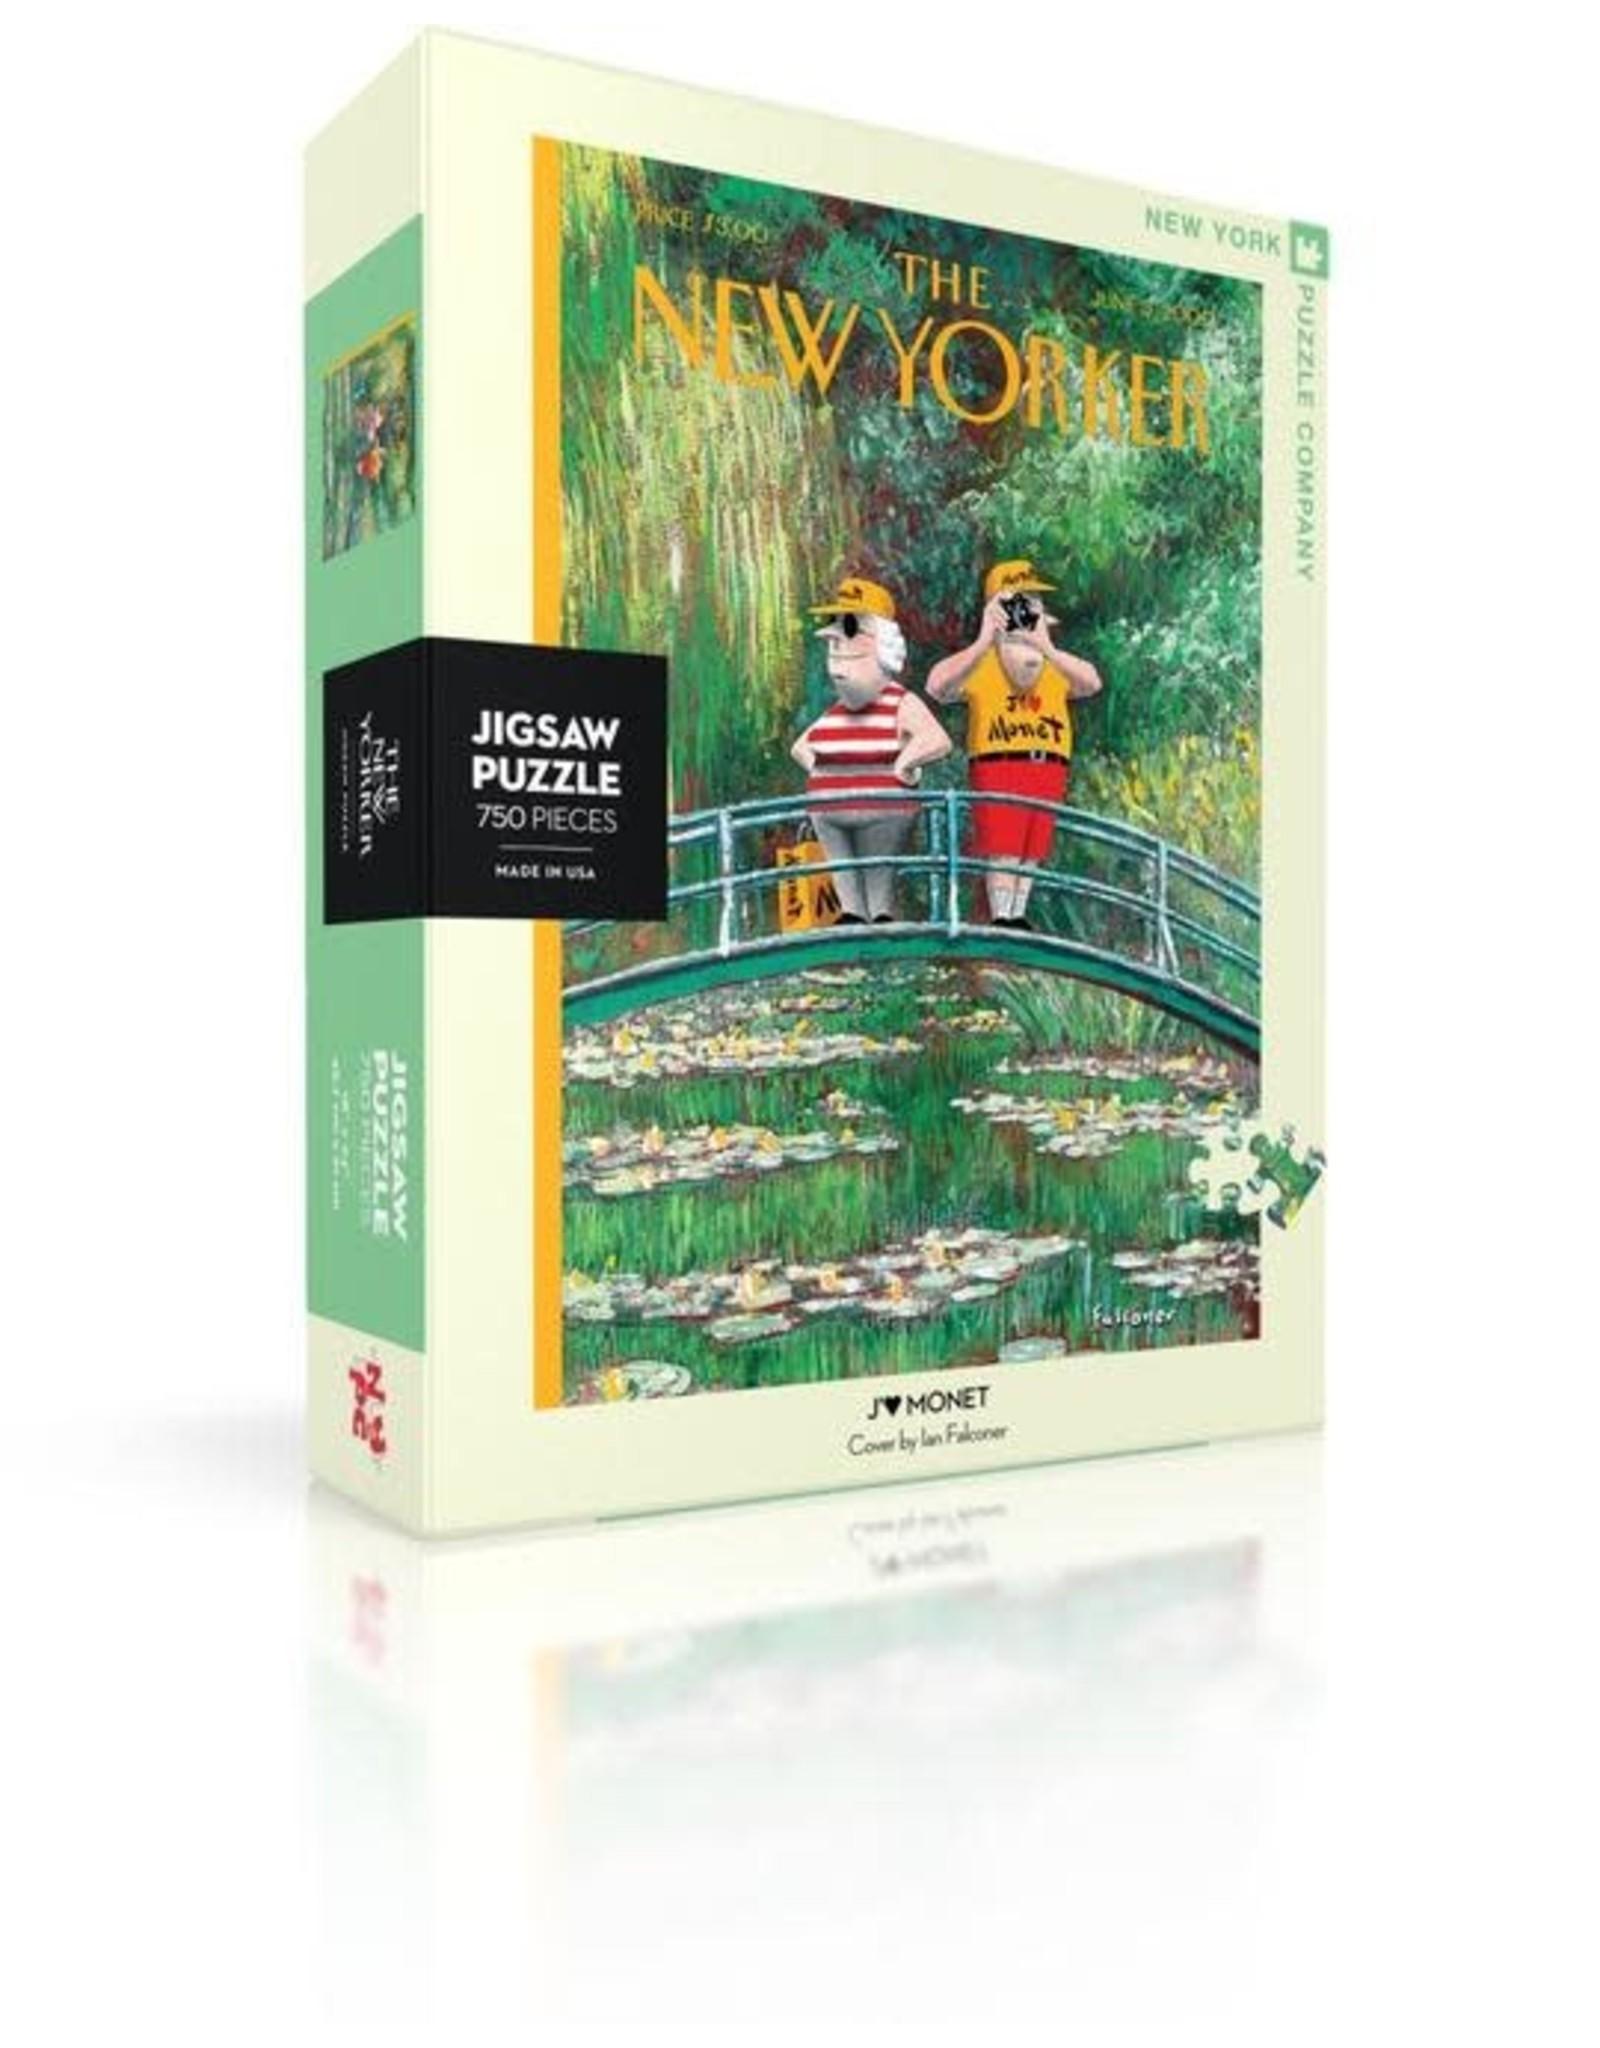 J'aime Monet Puzzle, 750 pieces